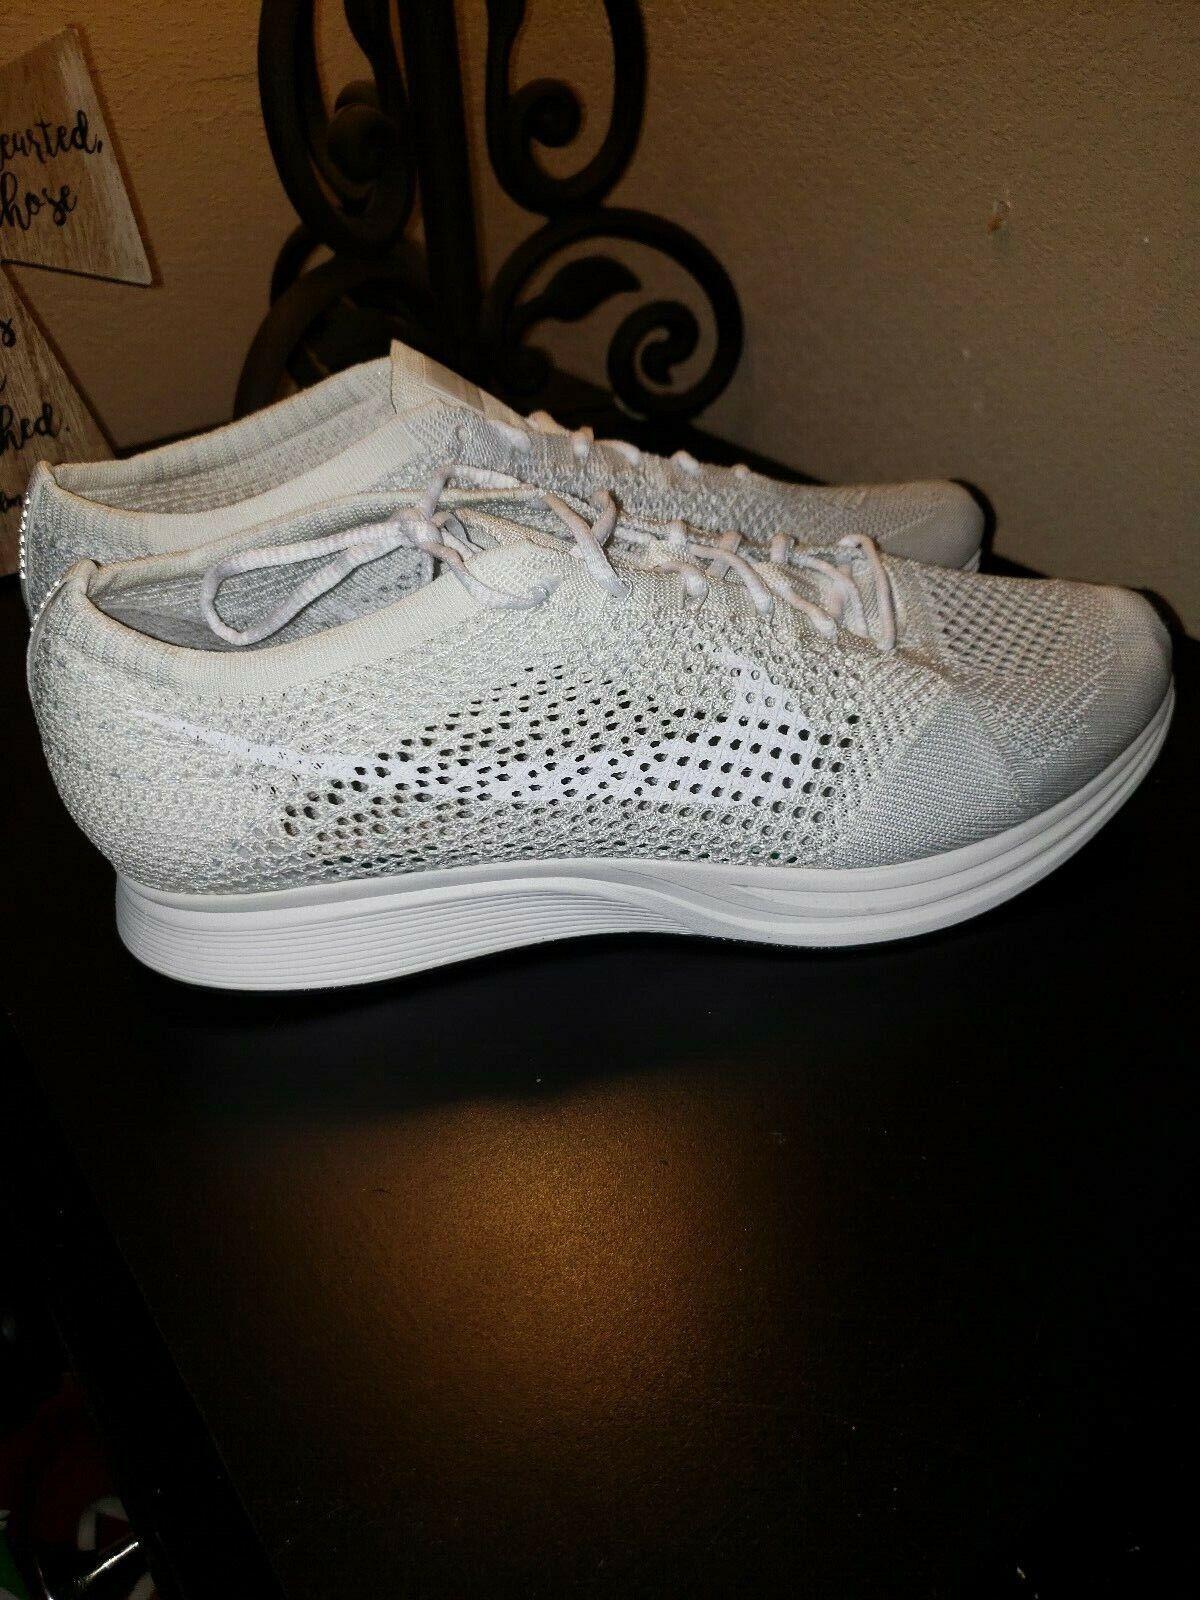 Nike Flyknit Racer  Goddes  Tripple White (526628-100) NEW  RARE  SZ 12.5